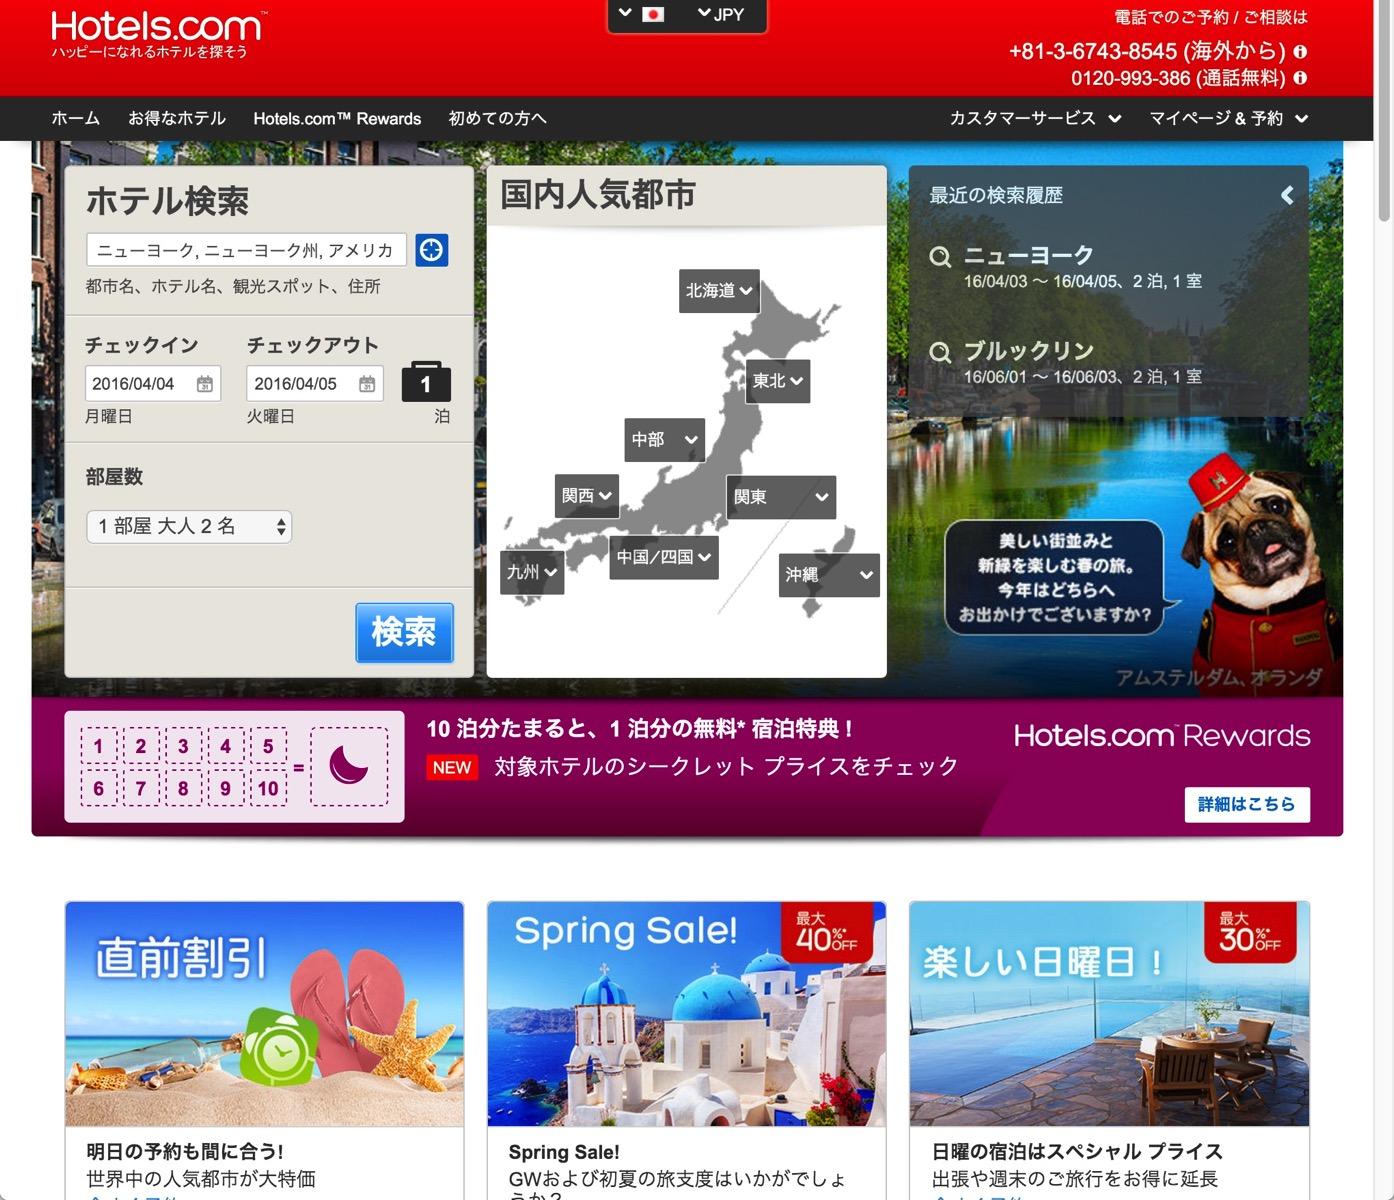 海外ホテル 国内ホテル 格安ホテルを予約 ホテルズドットコム Hotels com Japan